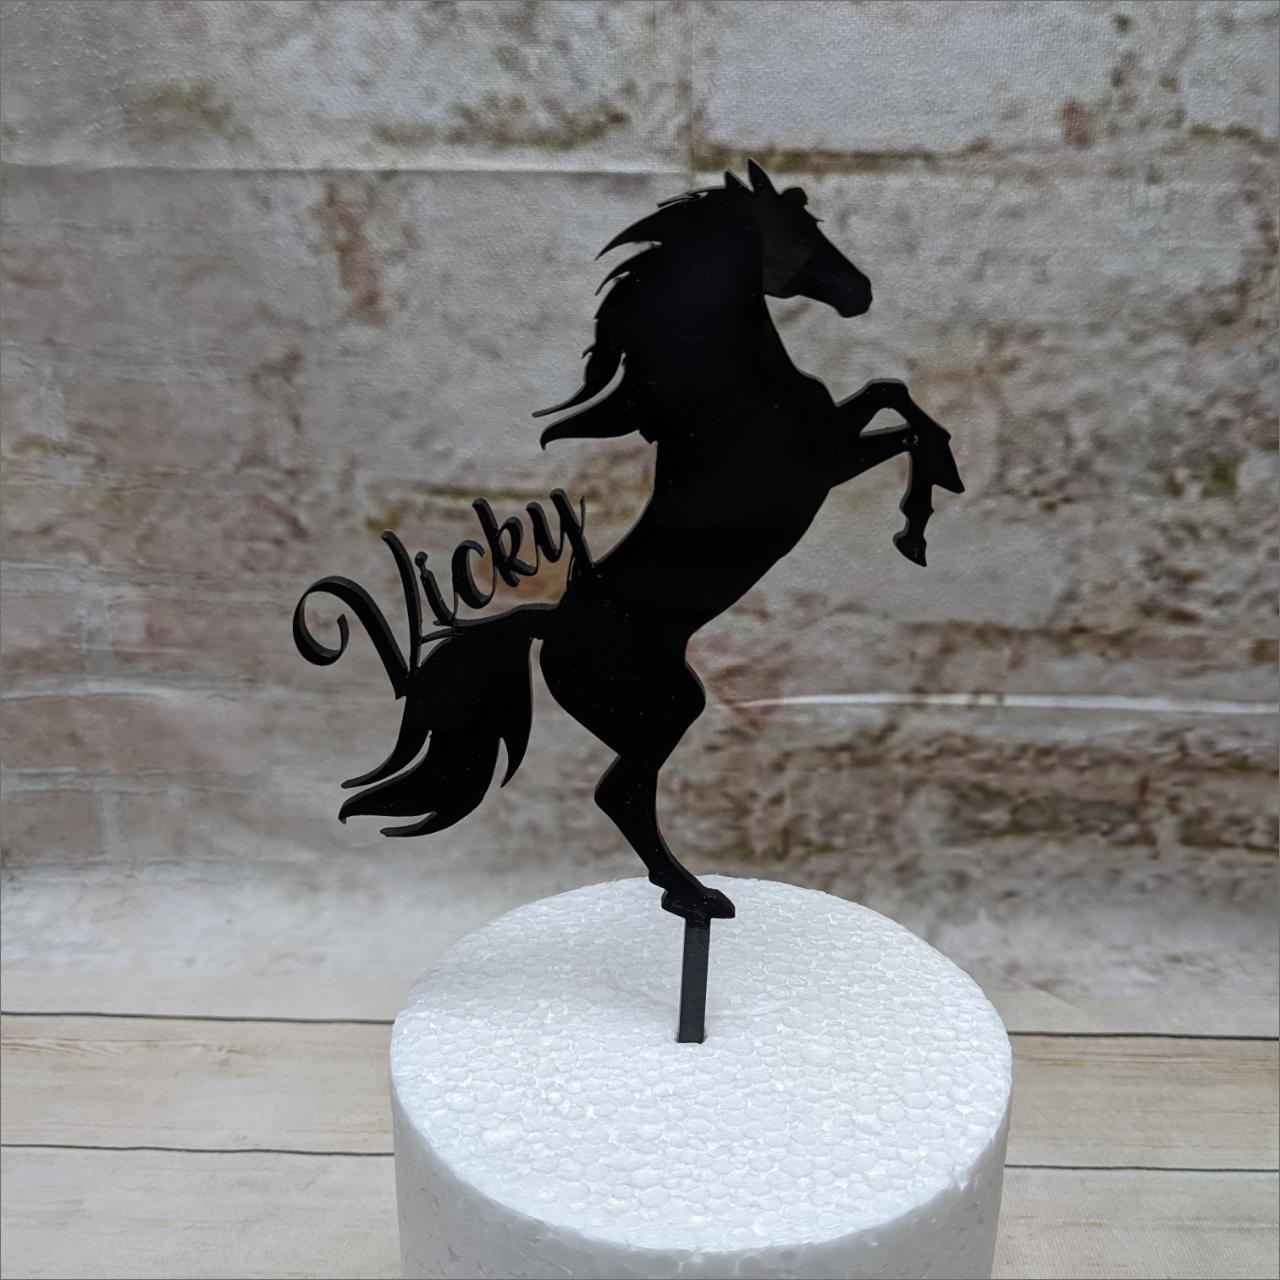 Pferd-Cake-Topper-schwarz-individuelle-Namen-Schriftzug-Aufstecker-Torten-Tuning-Th-ringen-Hochzeitstorten